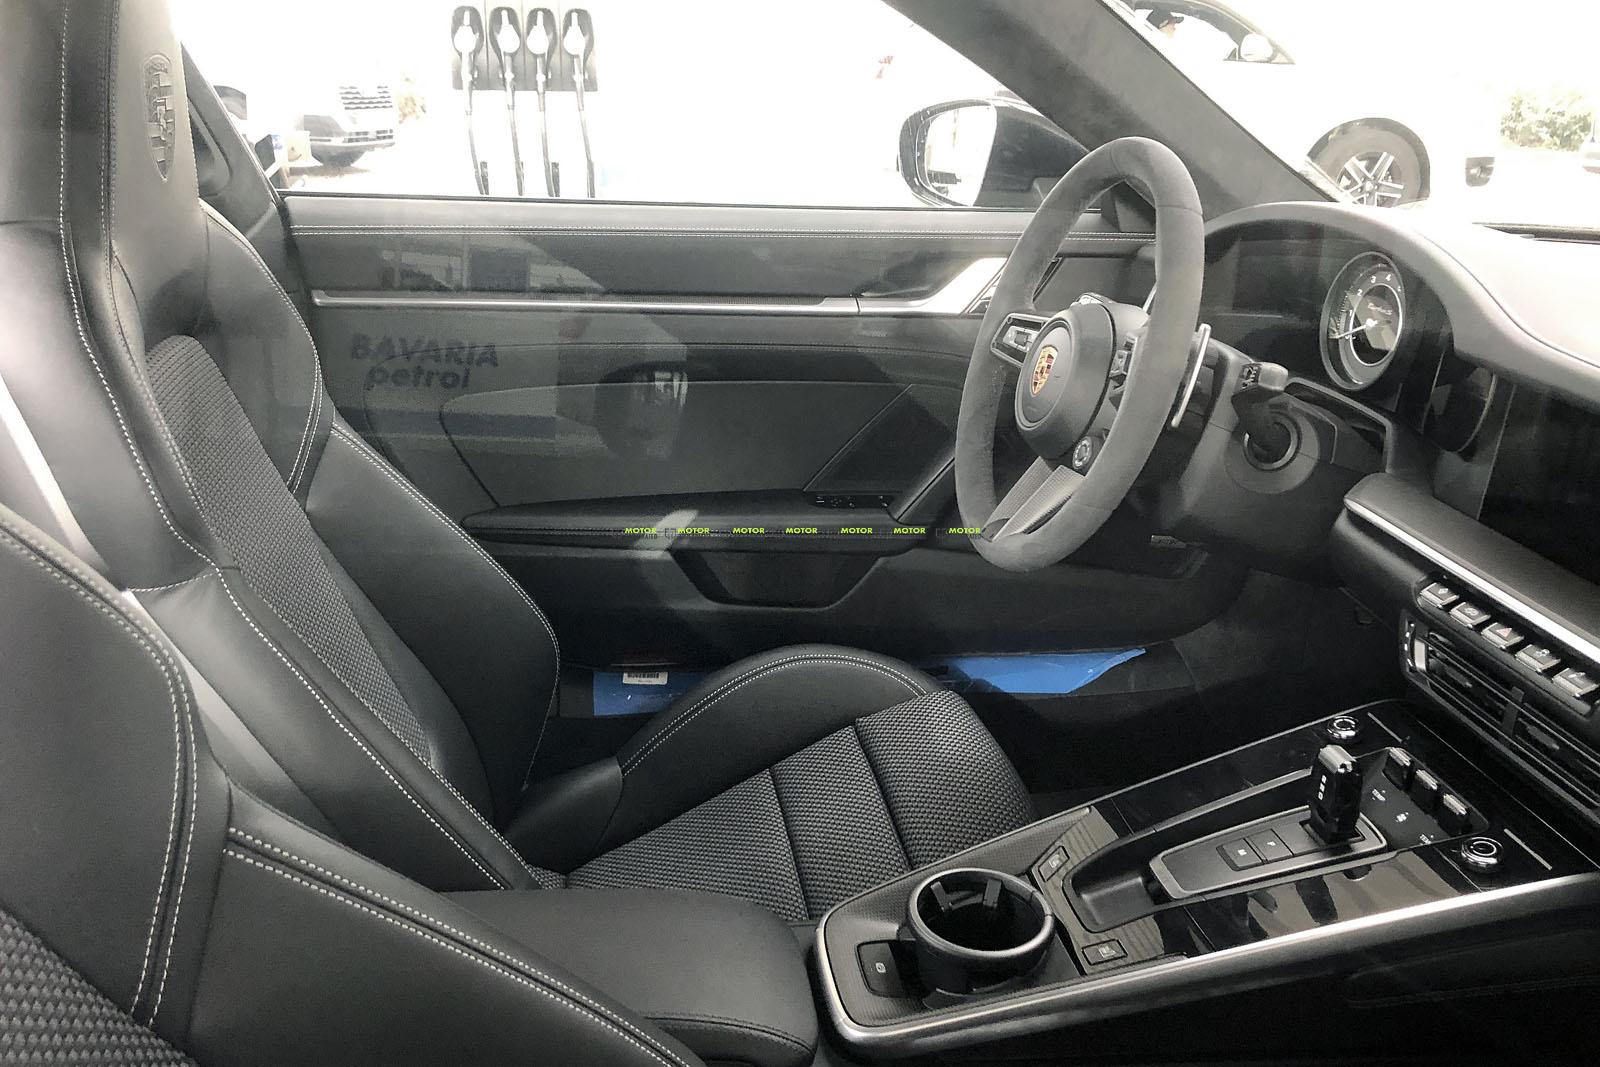 911 Turbo Geneva